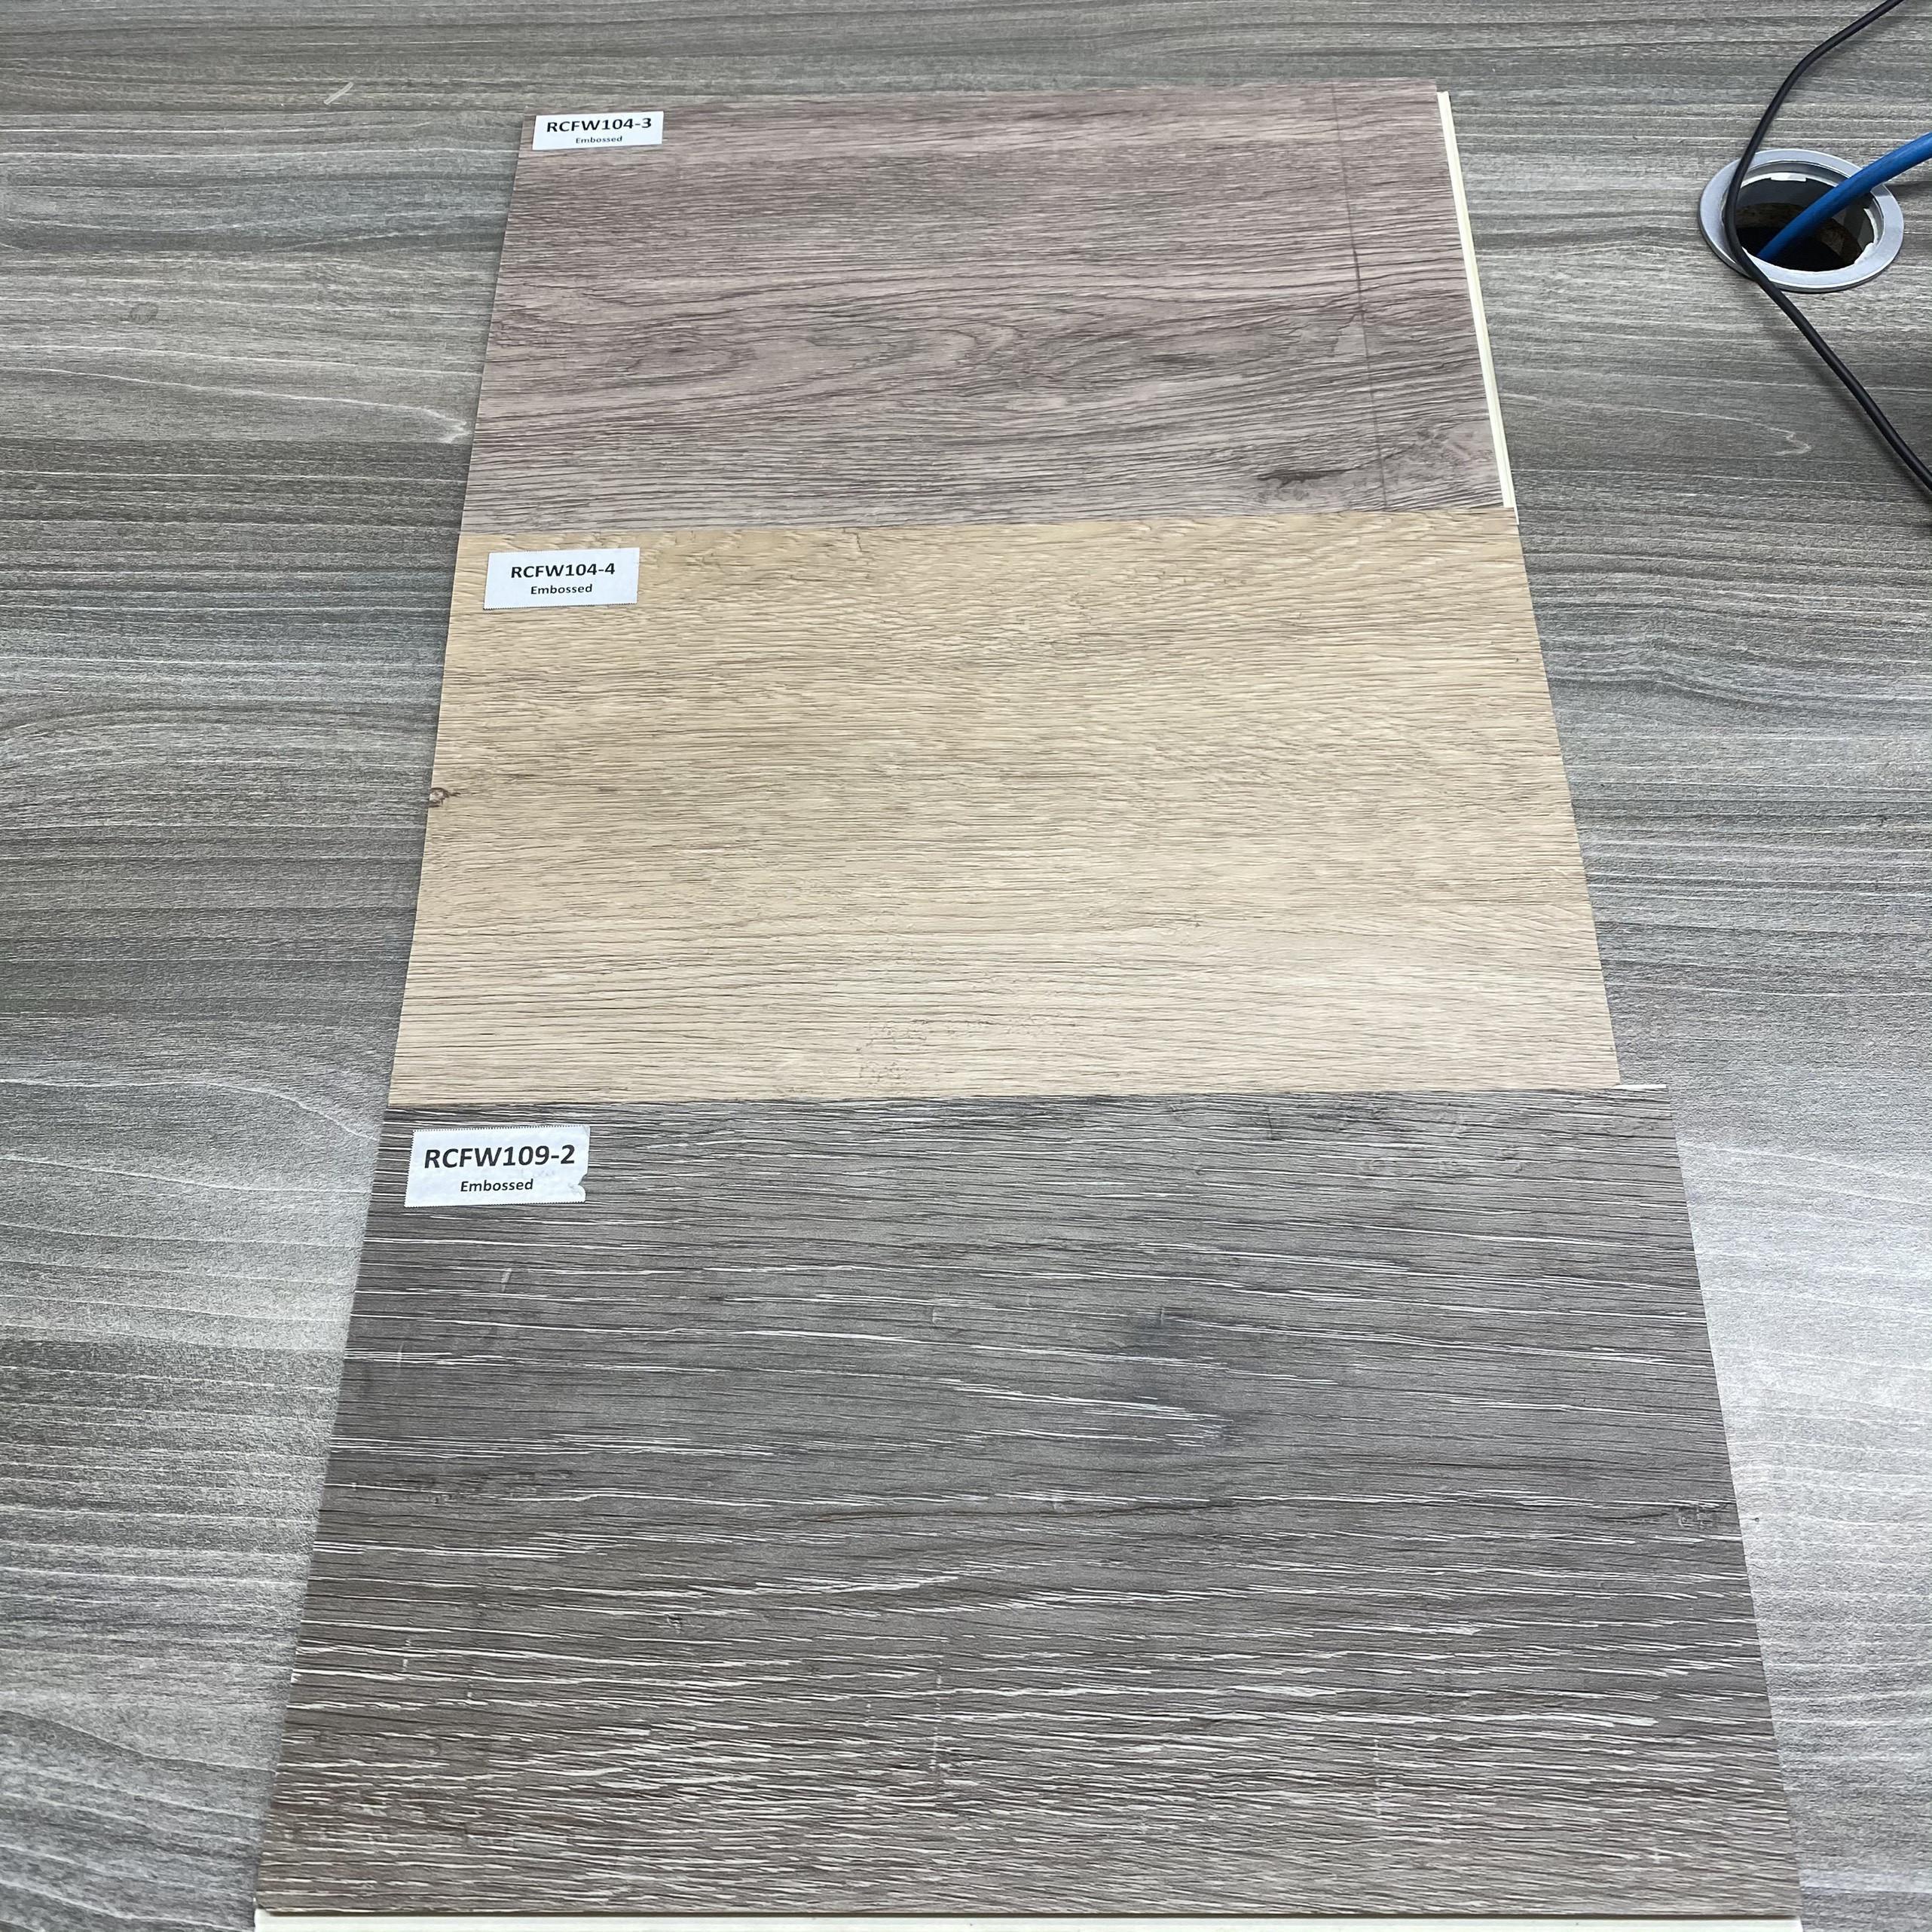 High Quality Diverse Designs Virgin PVC SPC Rigid Core Vinyl Click Plastic Floor Covering  PVC Flooring Tiles Plank Distributors